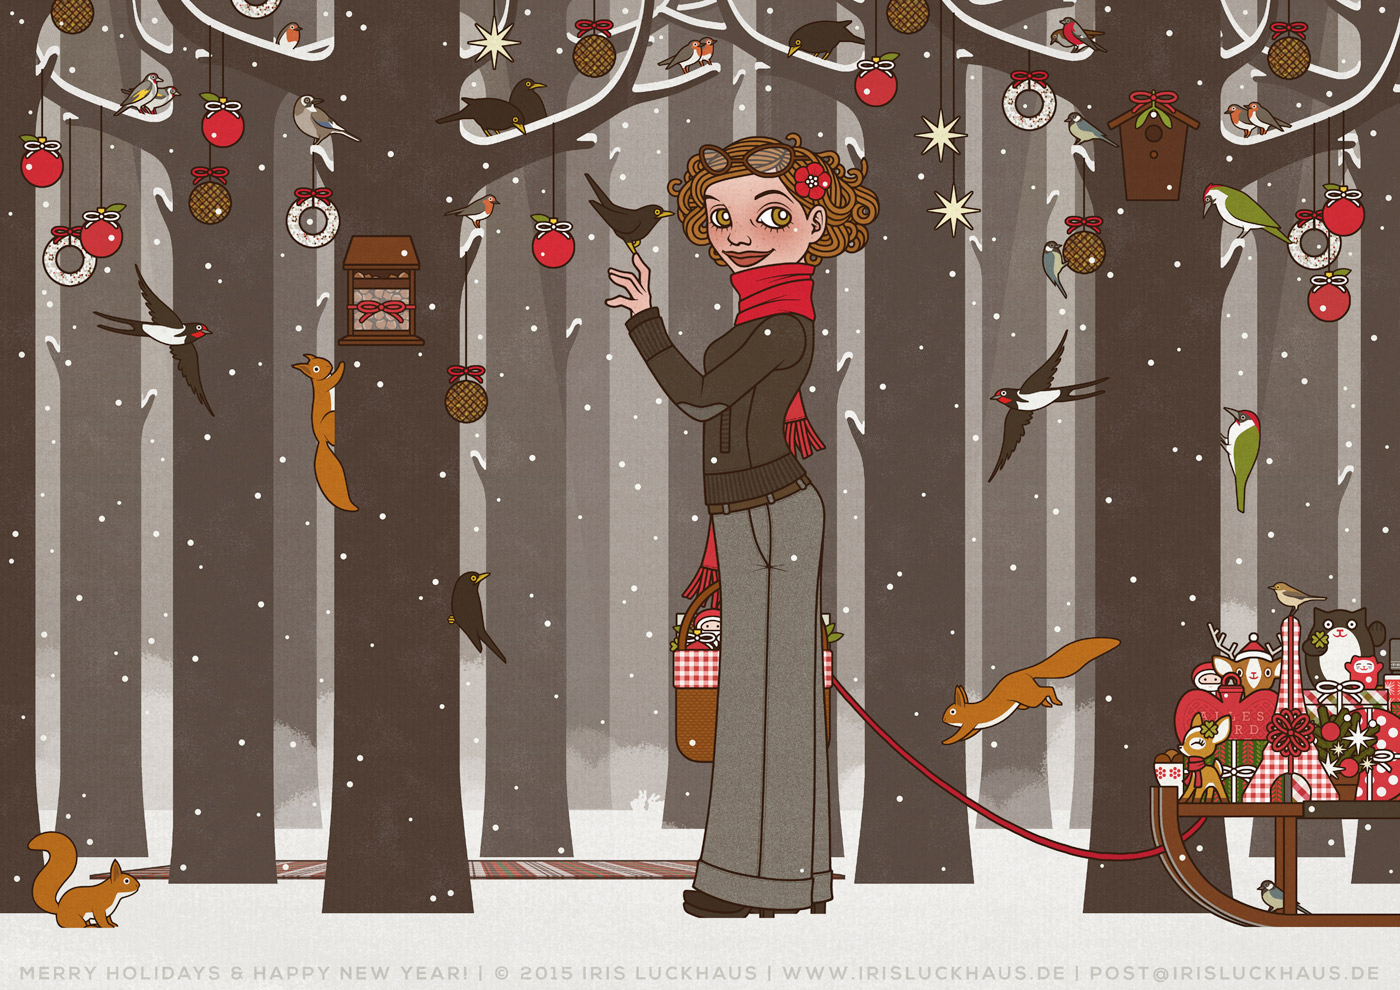 Weihnachtskarte Lily Lux im Winterwald von Iris Luckhaus mit Schlitten, Meisenringen und Tannenbaumkugeln sowie Eichhörnchen, Rotkehlchen, Meisen und Amseln